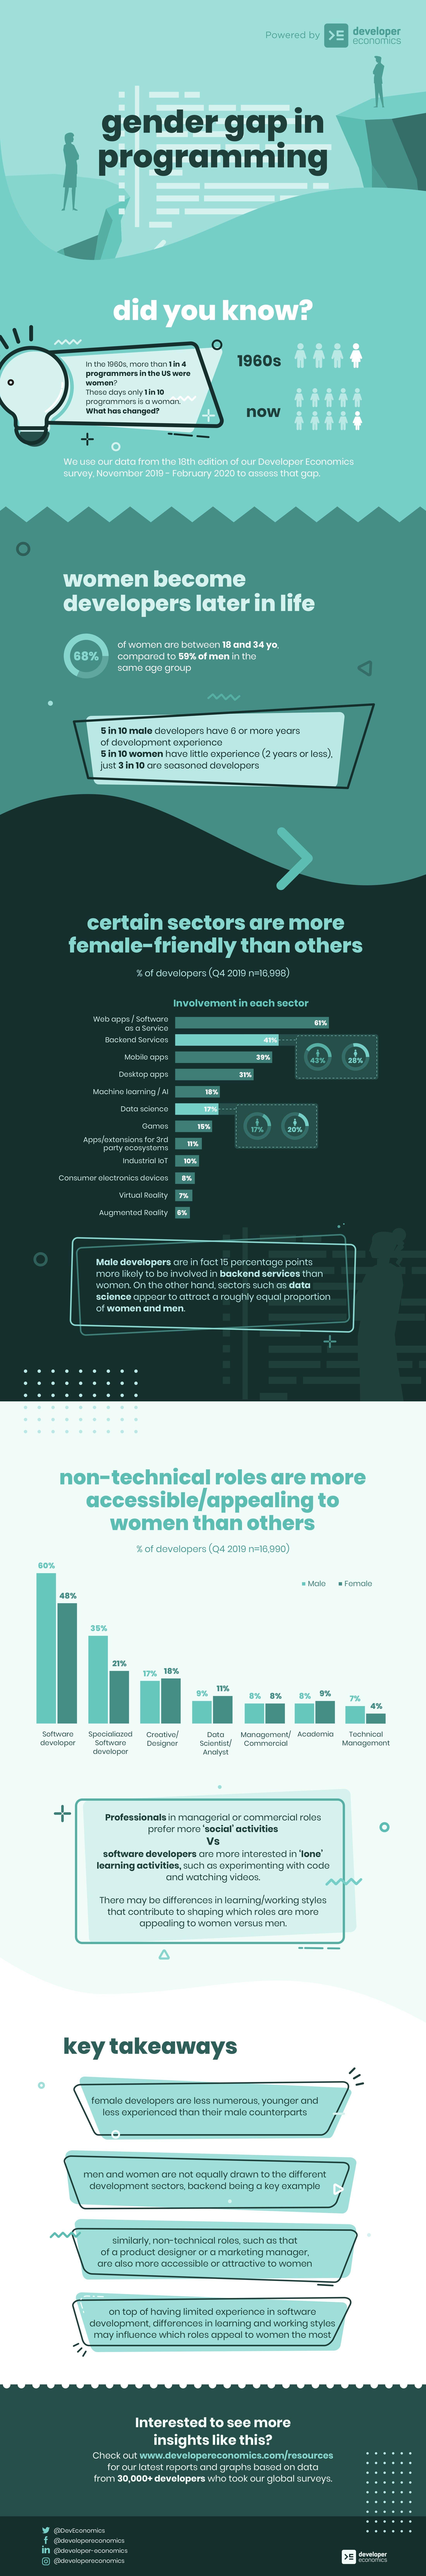 gender gap in programming, female programmers, female developers, infographic, developer data, developer survey, developer economics